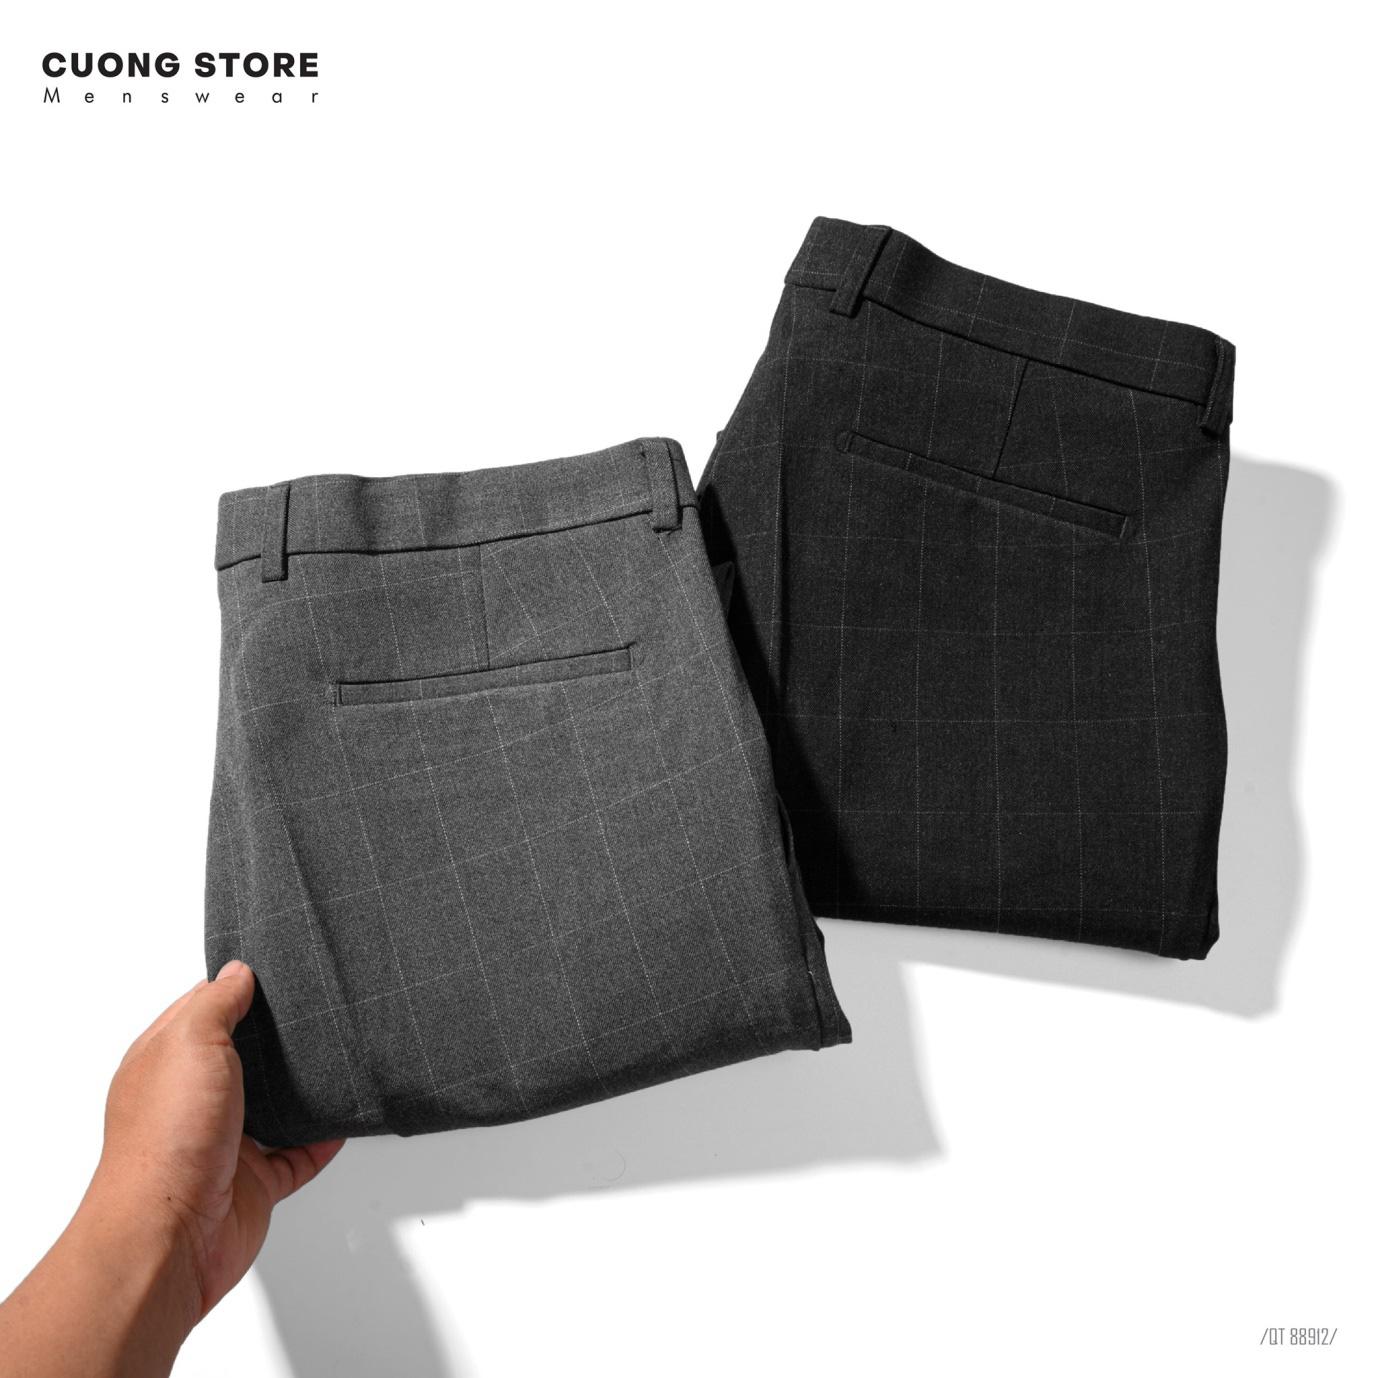 Thời trang CUONG Store gợi ý mix đồ công sở nam theo phong cách đầy cá tính - Ảnh 4.